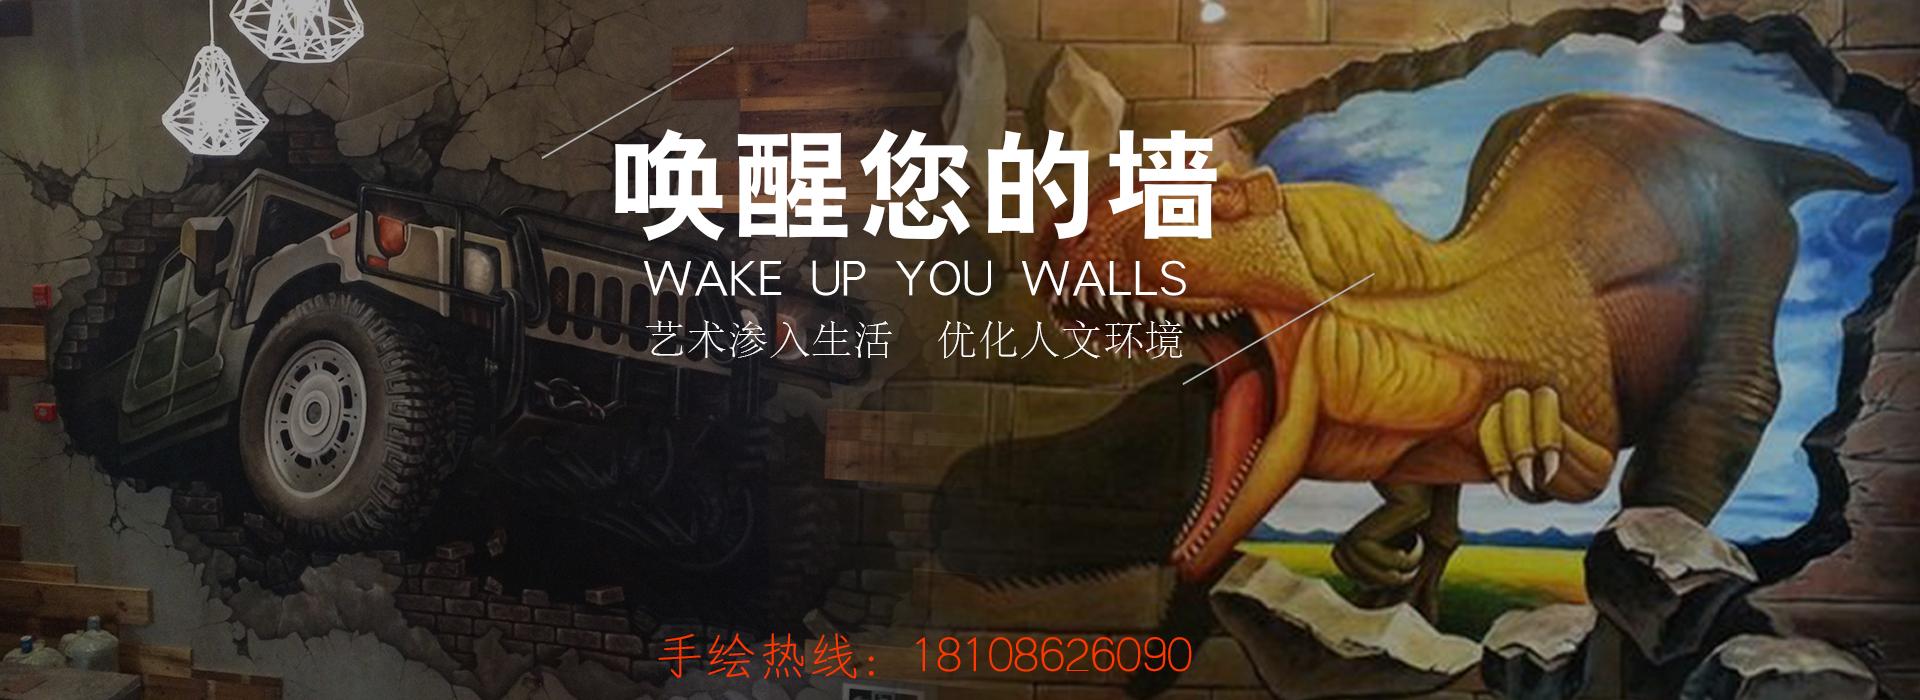 武汉墙绘公司基本技法分享